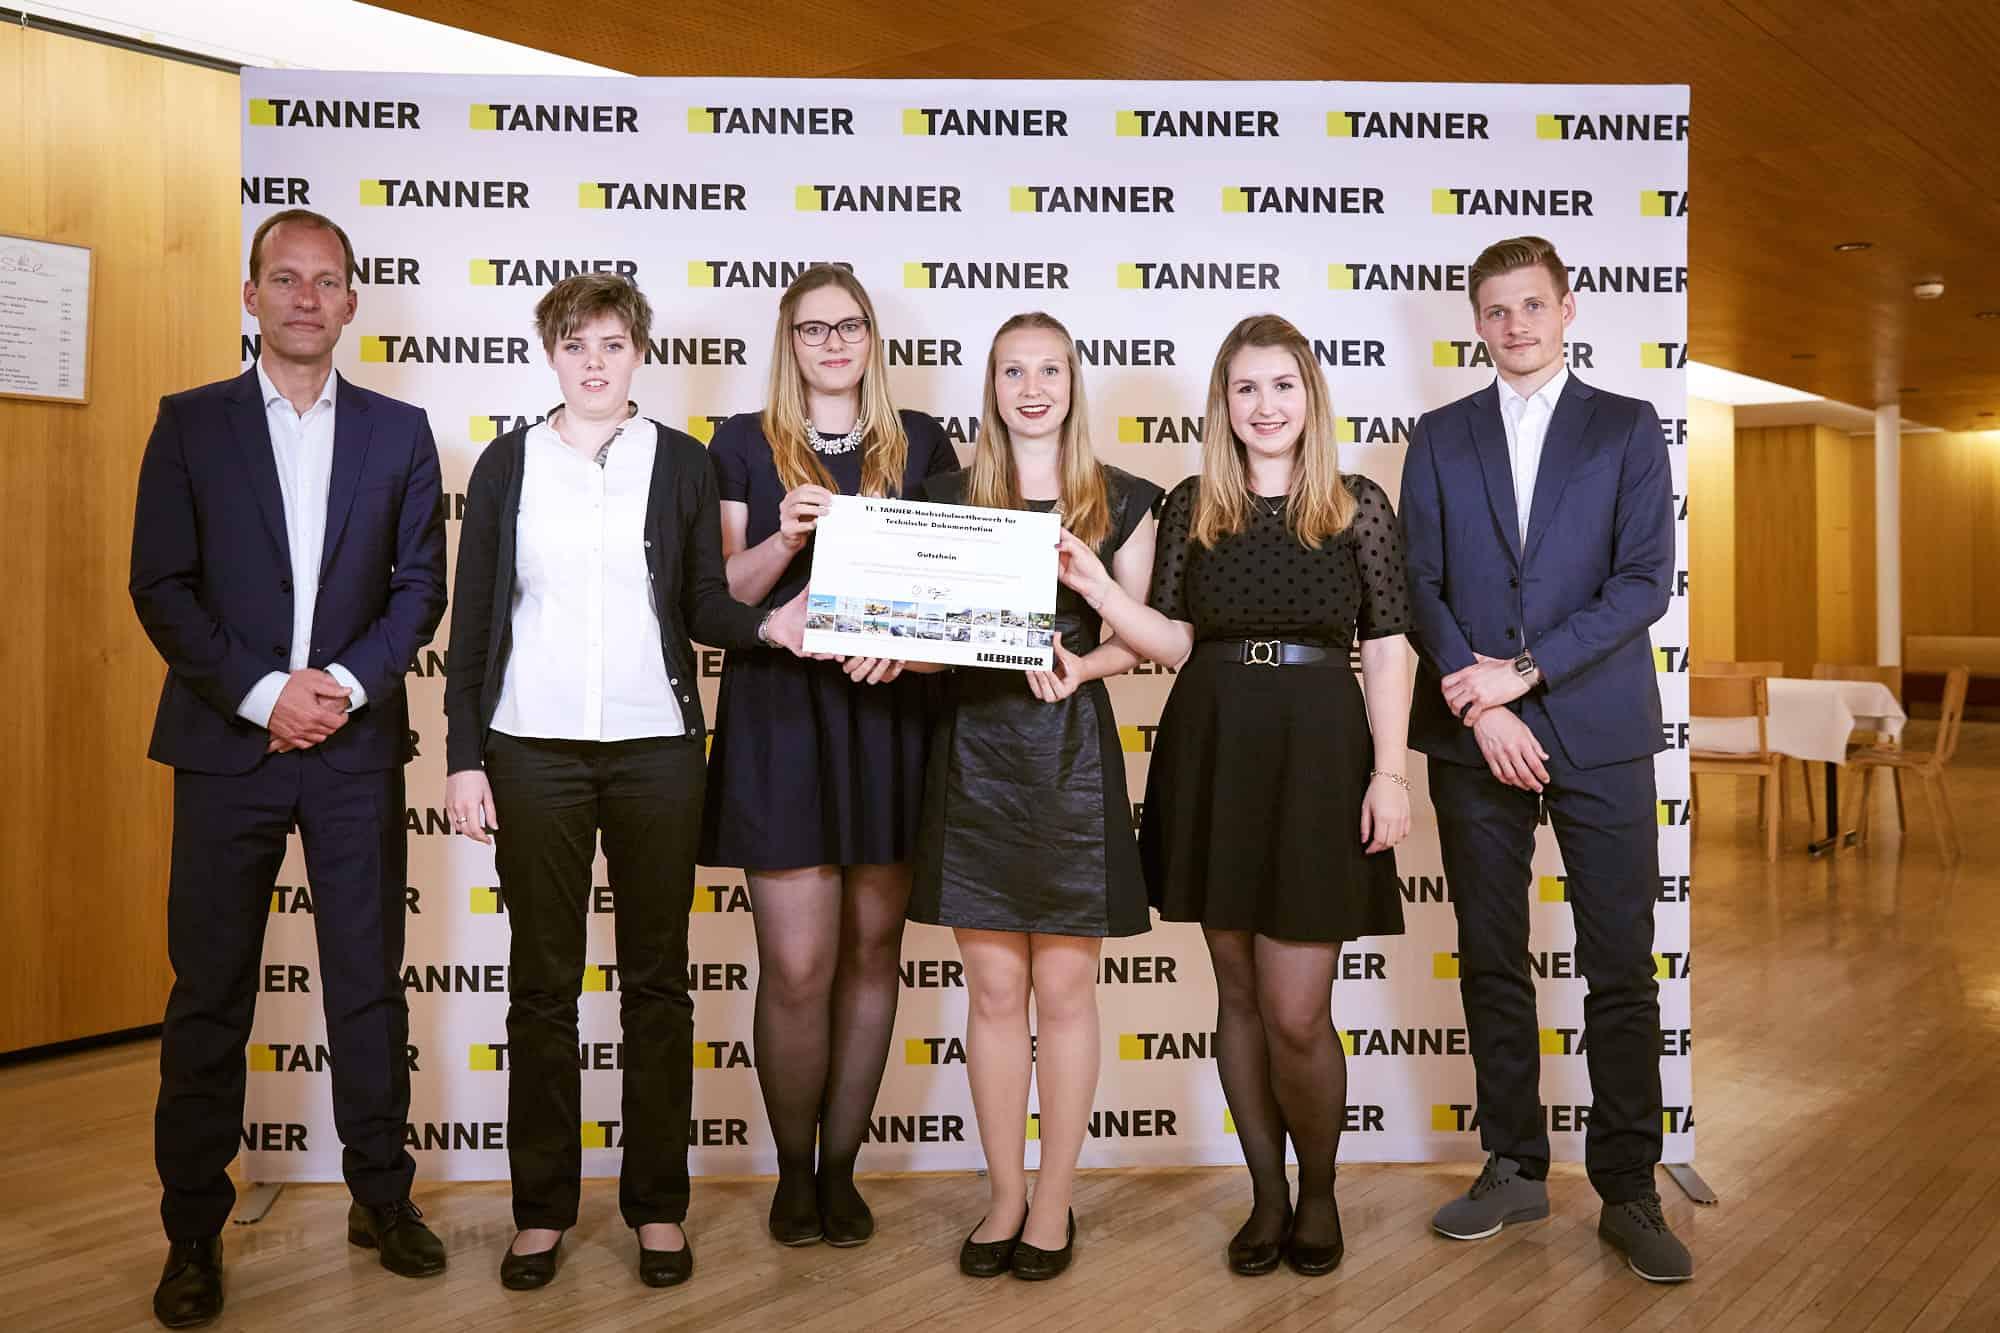 Gruppenbild Team von der Hochschule Aschaffenburg beim 11. TANNER-Hochschulwettbewerb